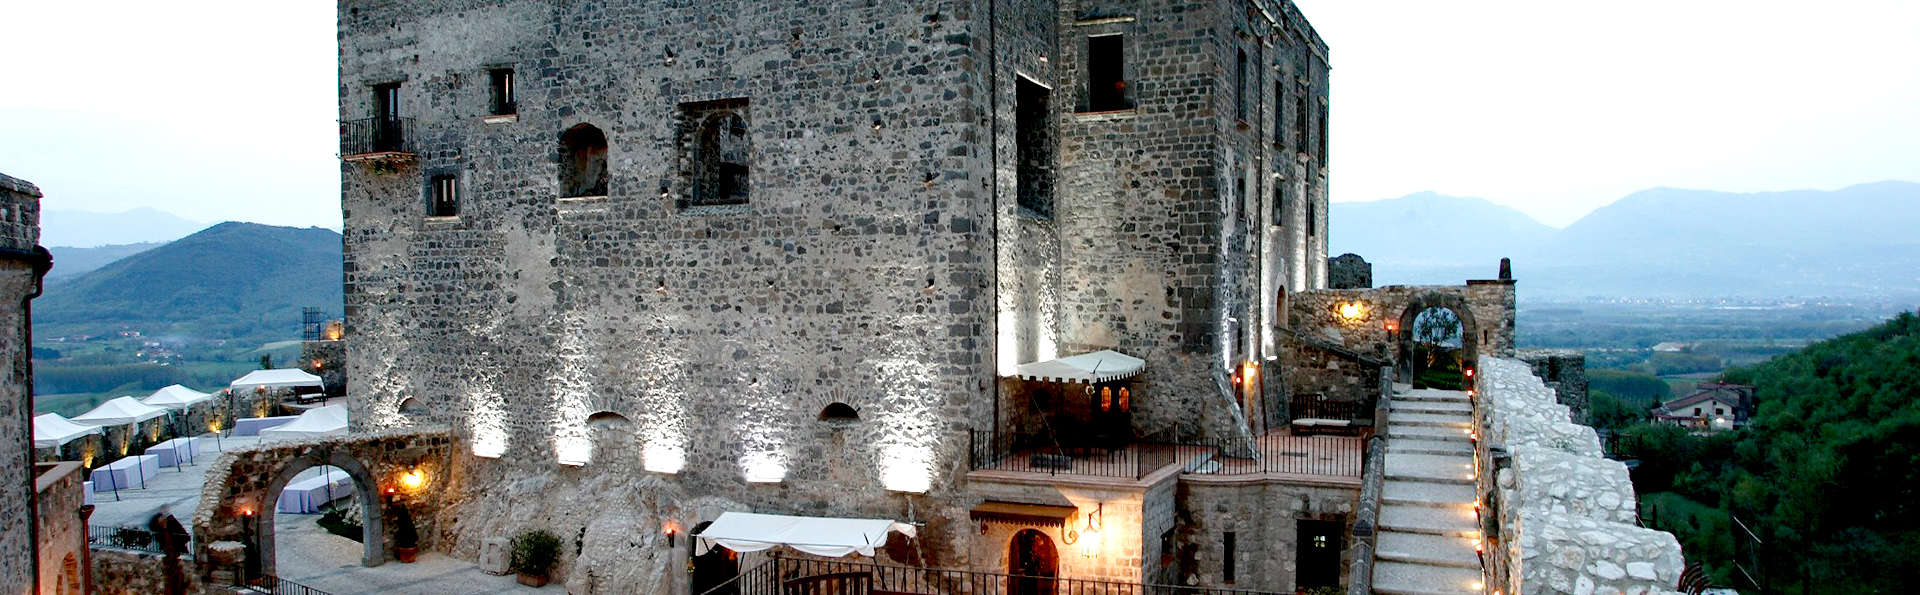 Notte in castello tra Benevento e Caserta in Junior Suite con bottiglia in camera